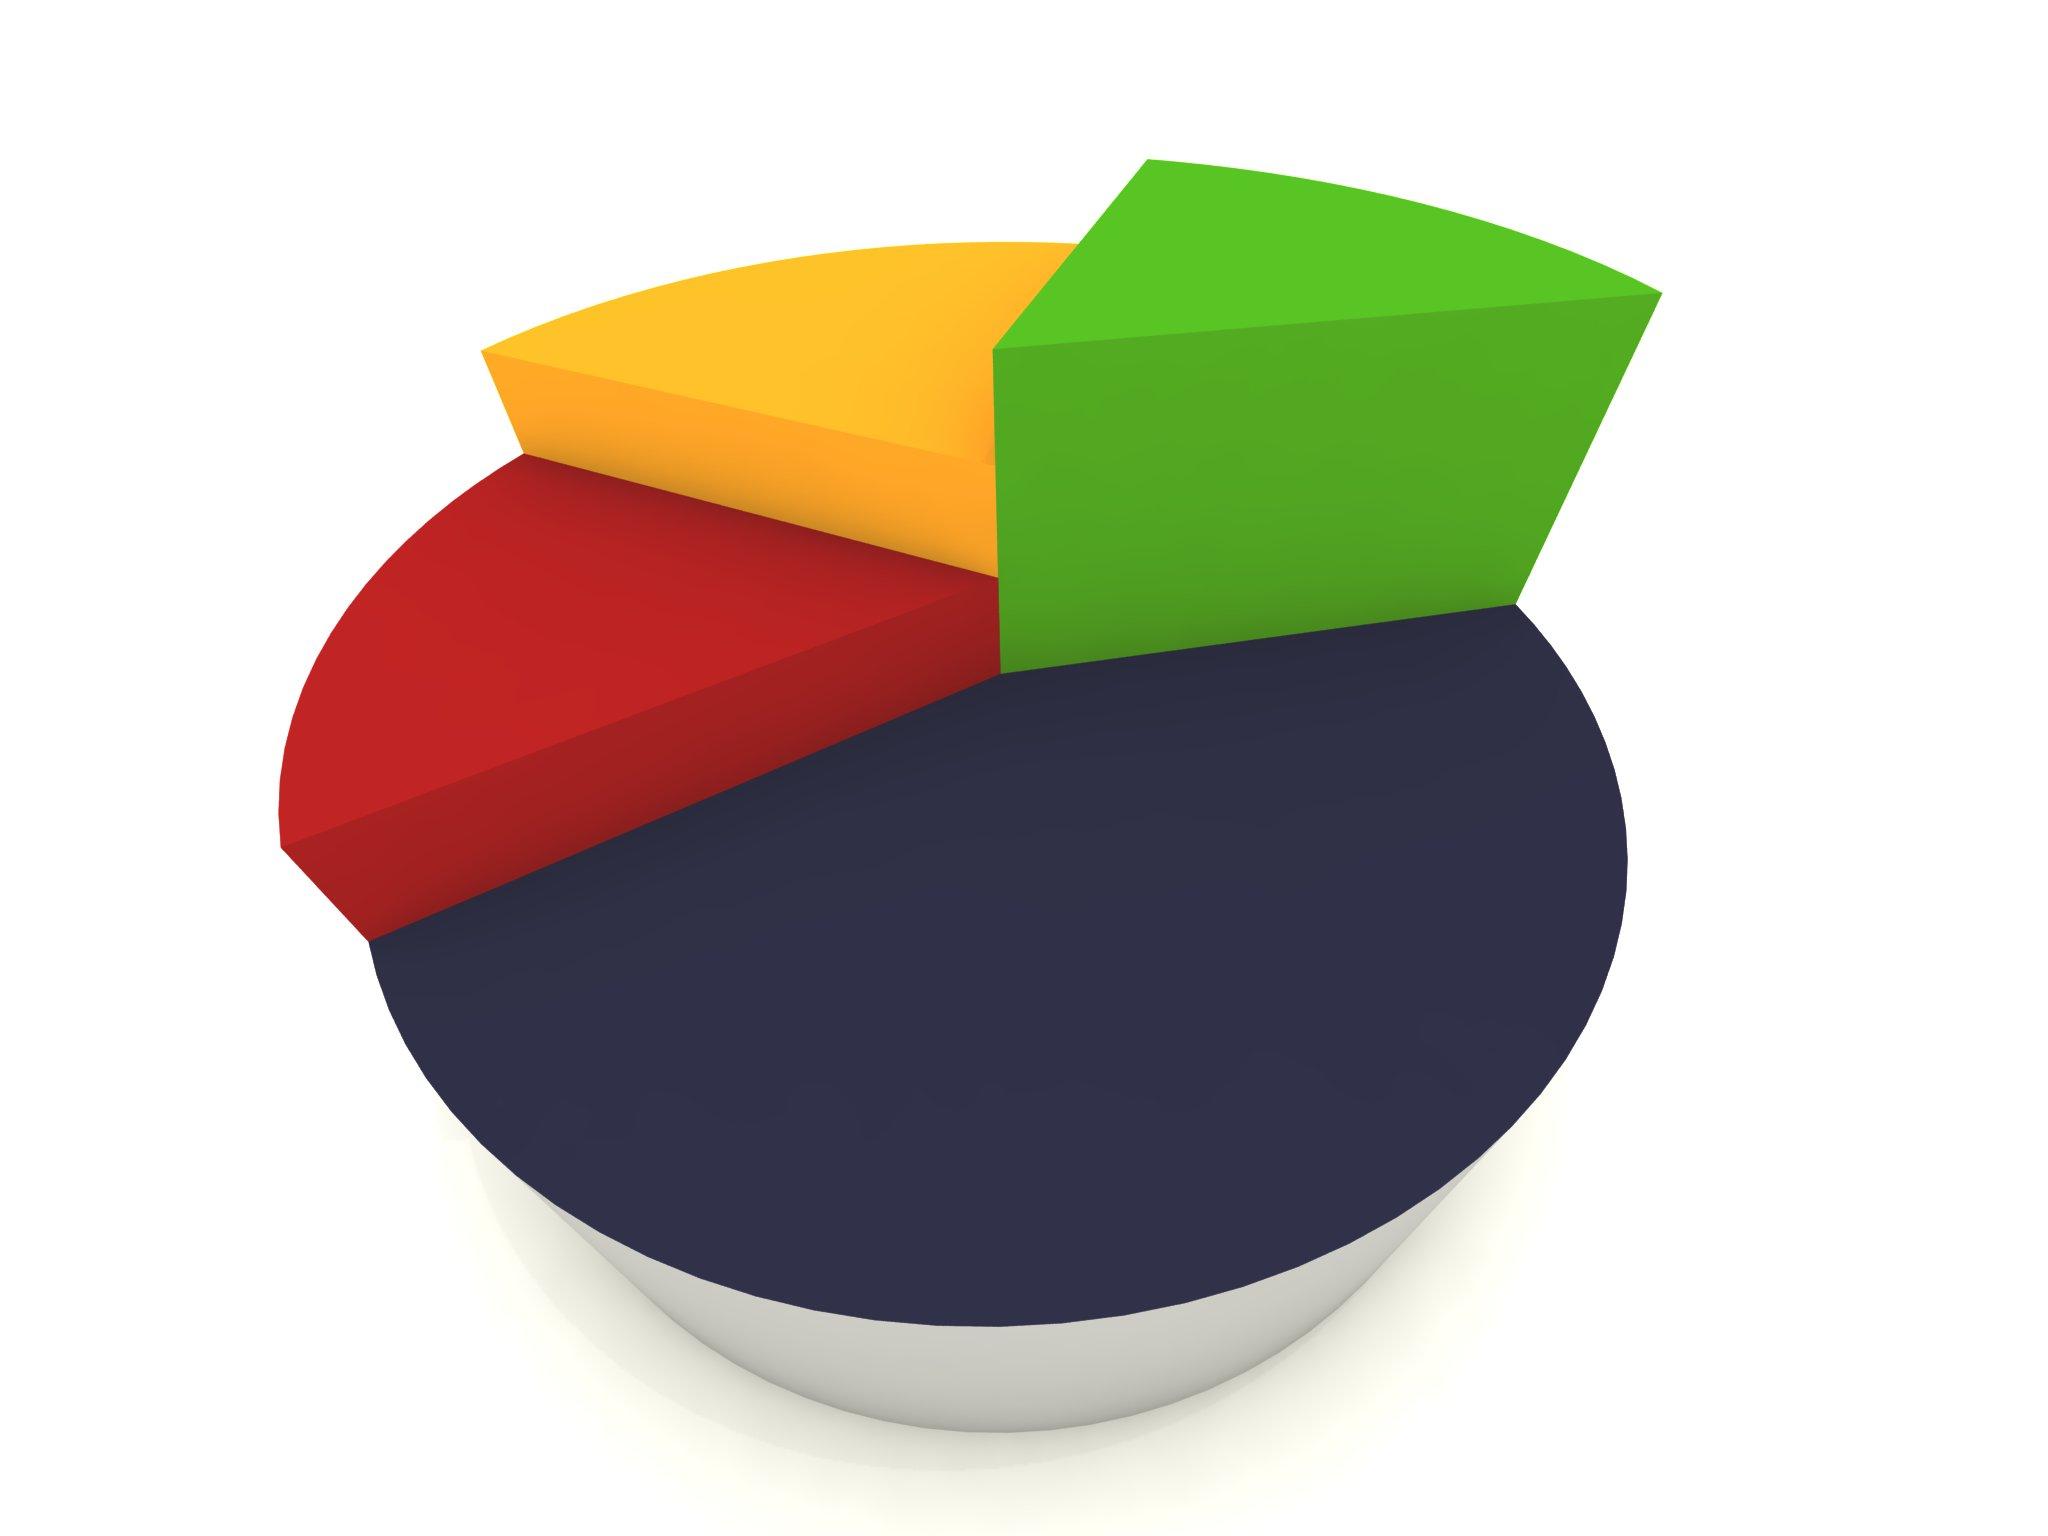 IVASS, la raccolta premi complessiva sale del 2,1% dopo il primo trimestre 2018